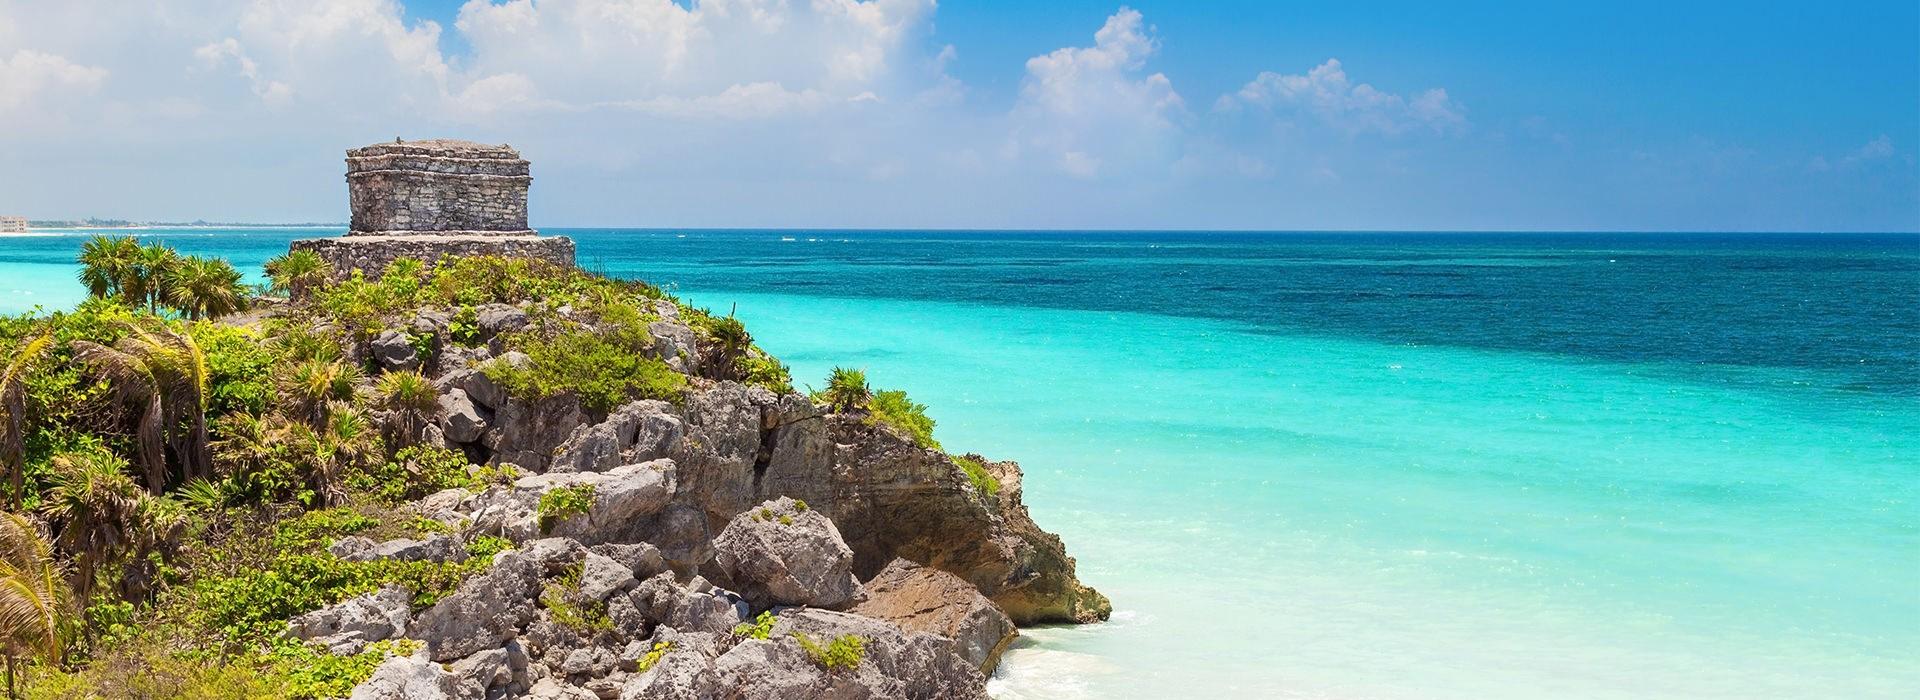 Foto panoramica de Riviera Maya